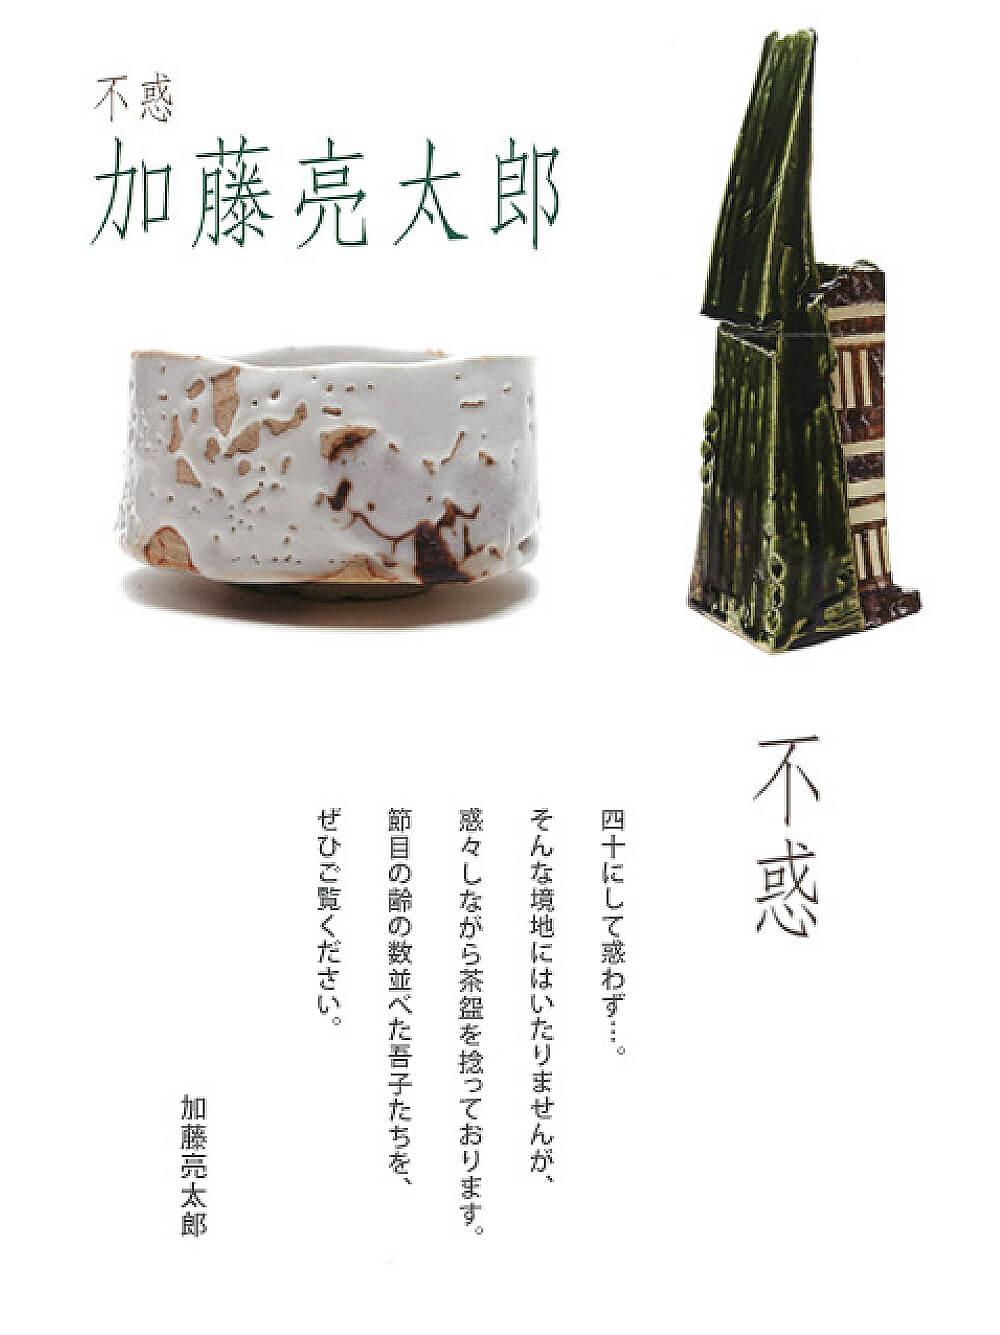 2014年11月8日から開催の「不惑 加藤 亮太郎」の加藤 亮太郎の作品DM画像